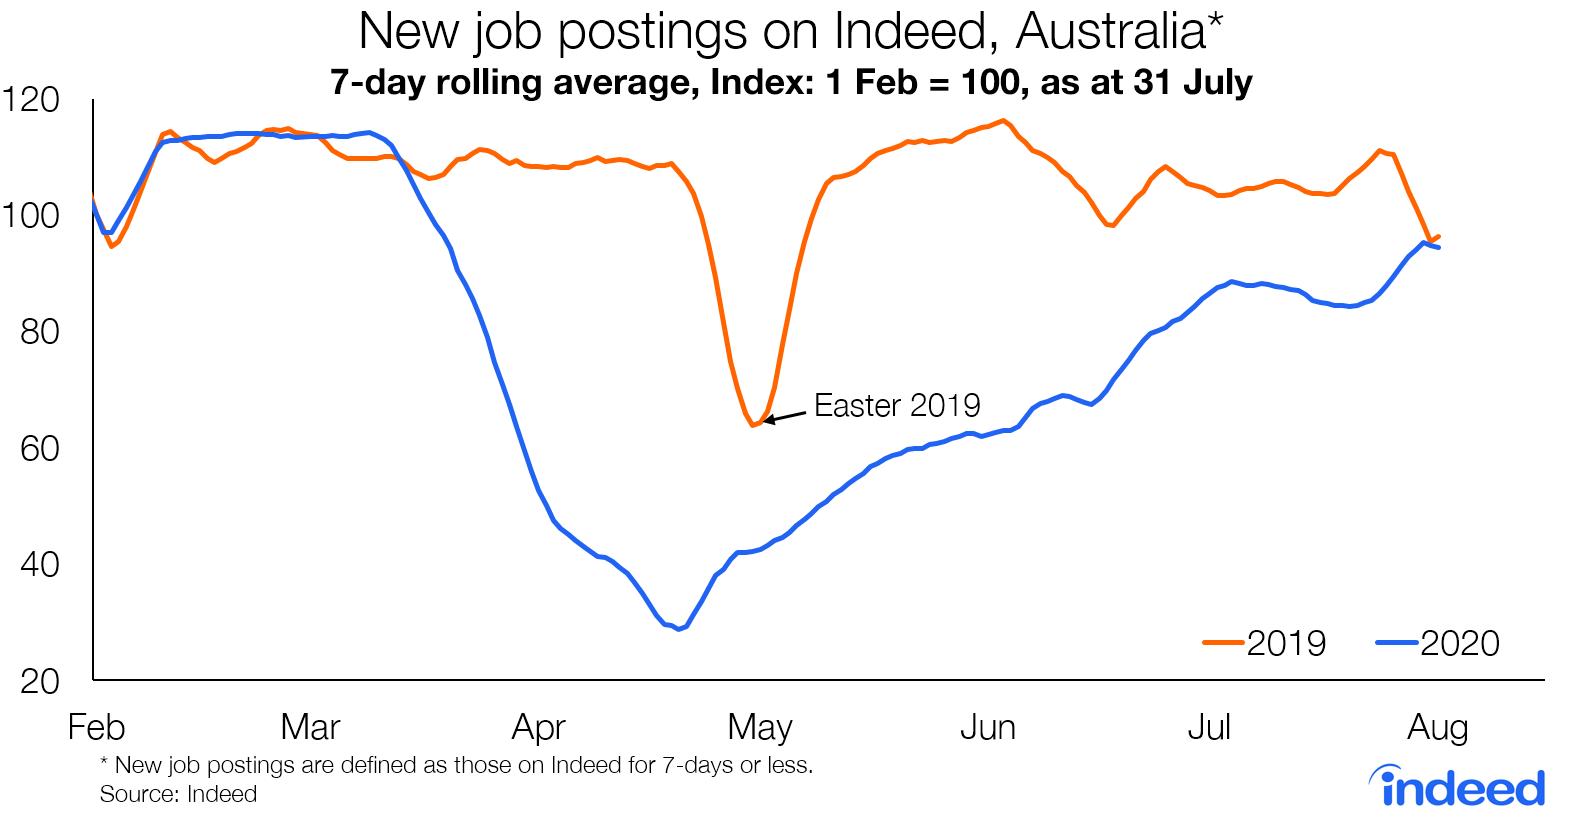 New job postings on Indeed, Australia